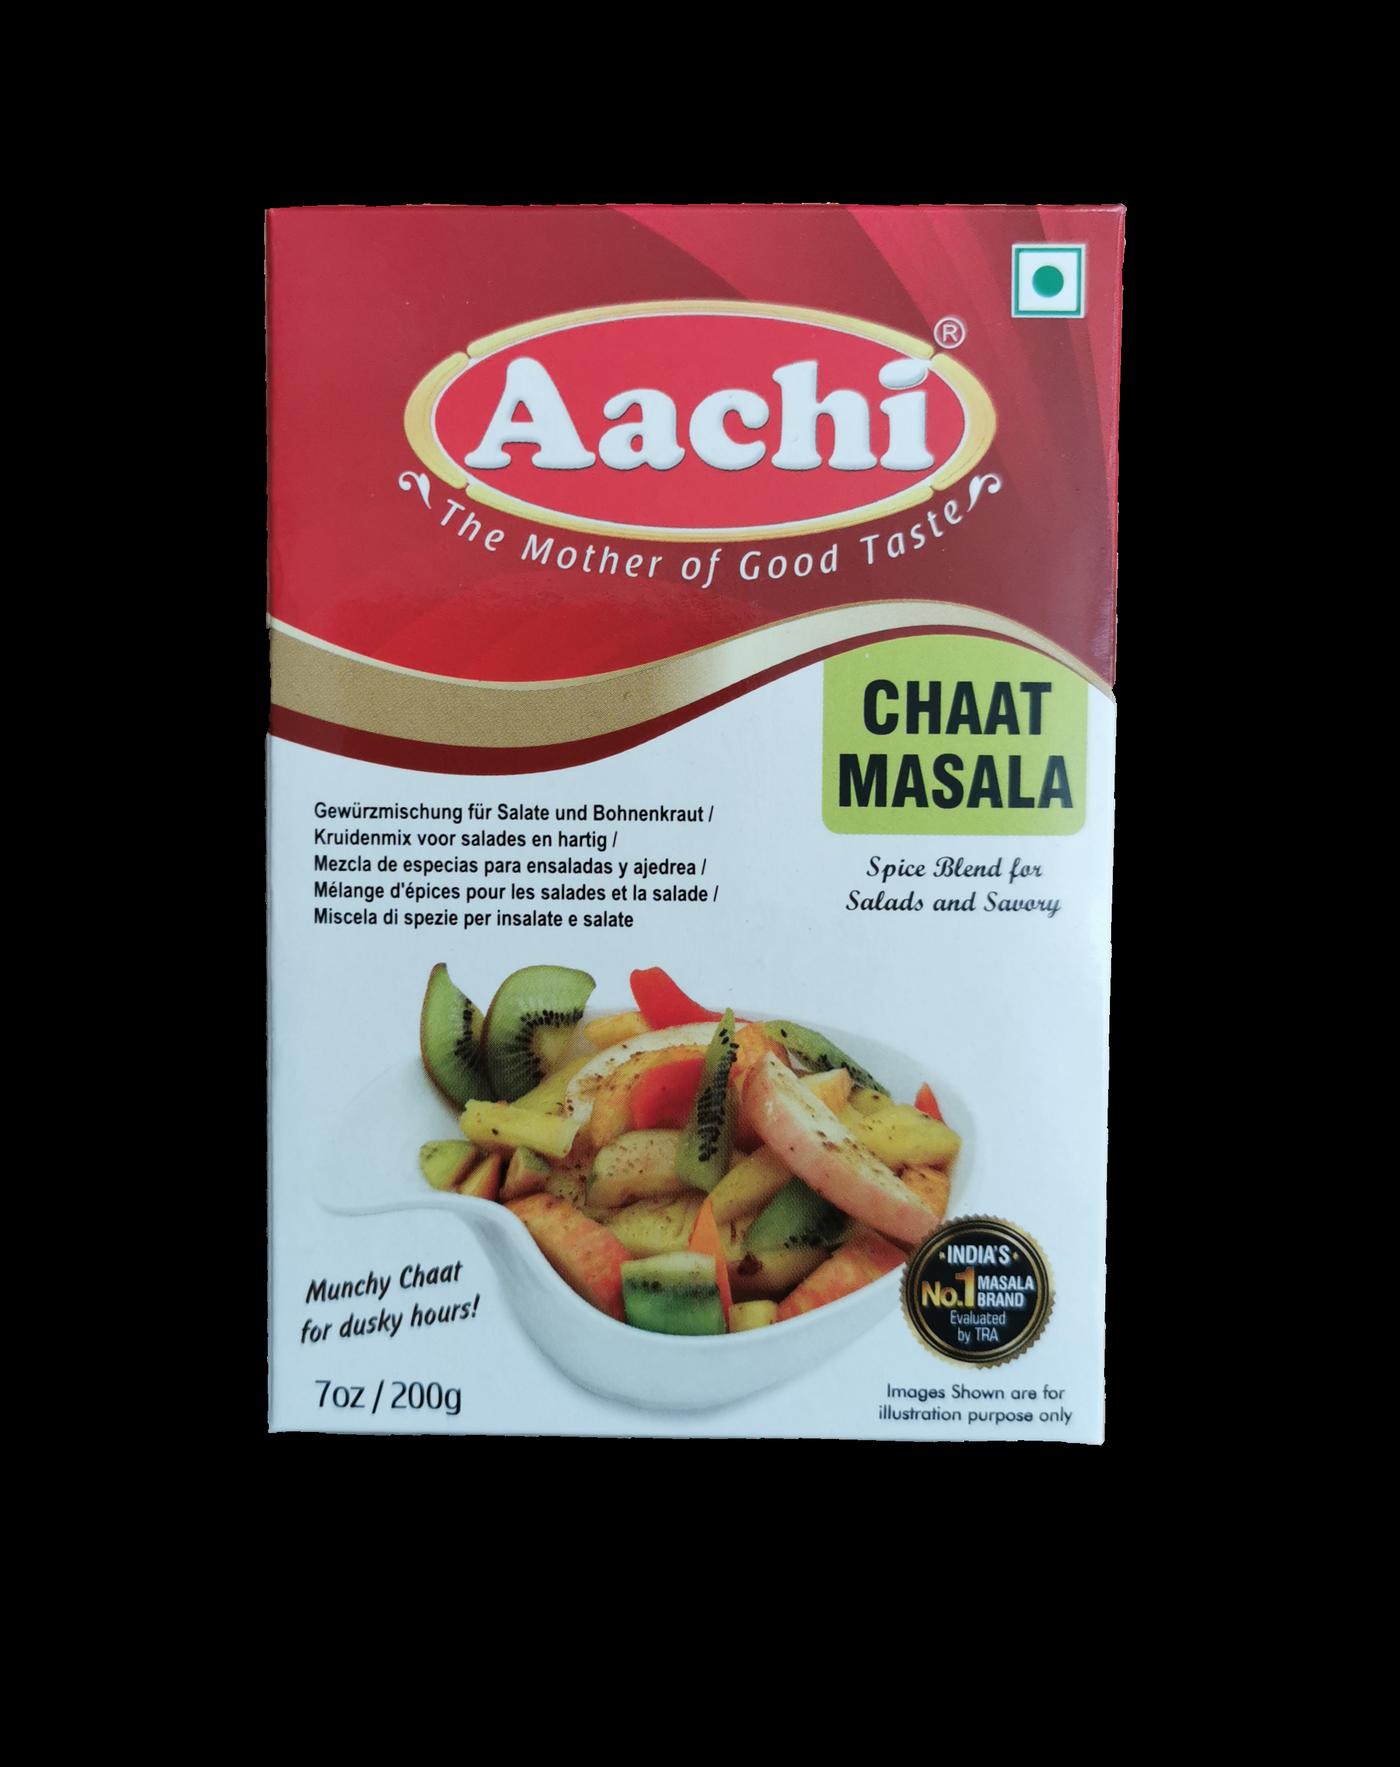 Aachi Caat Masala